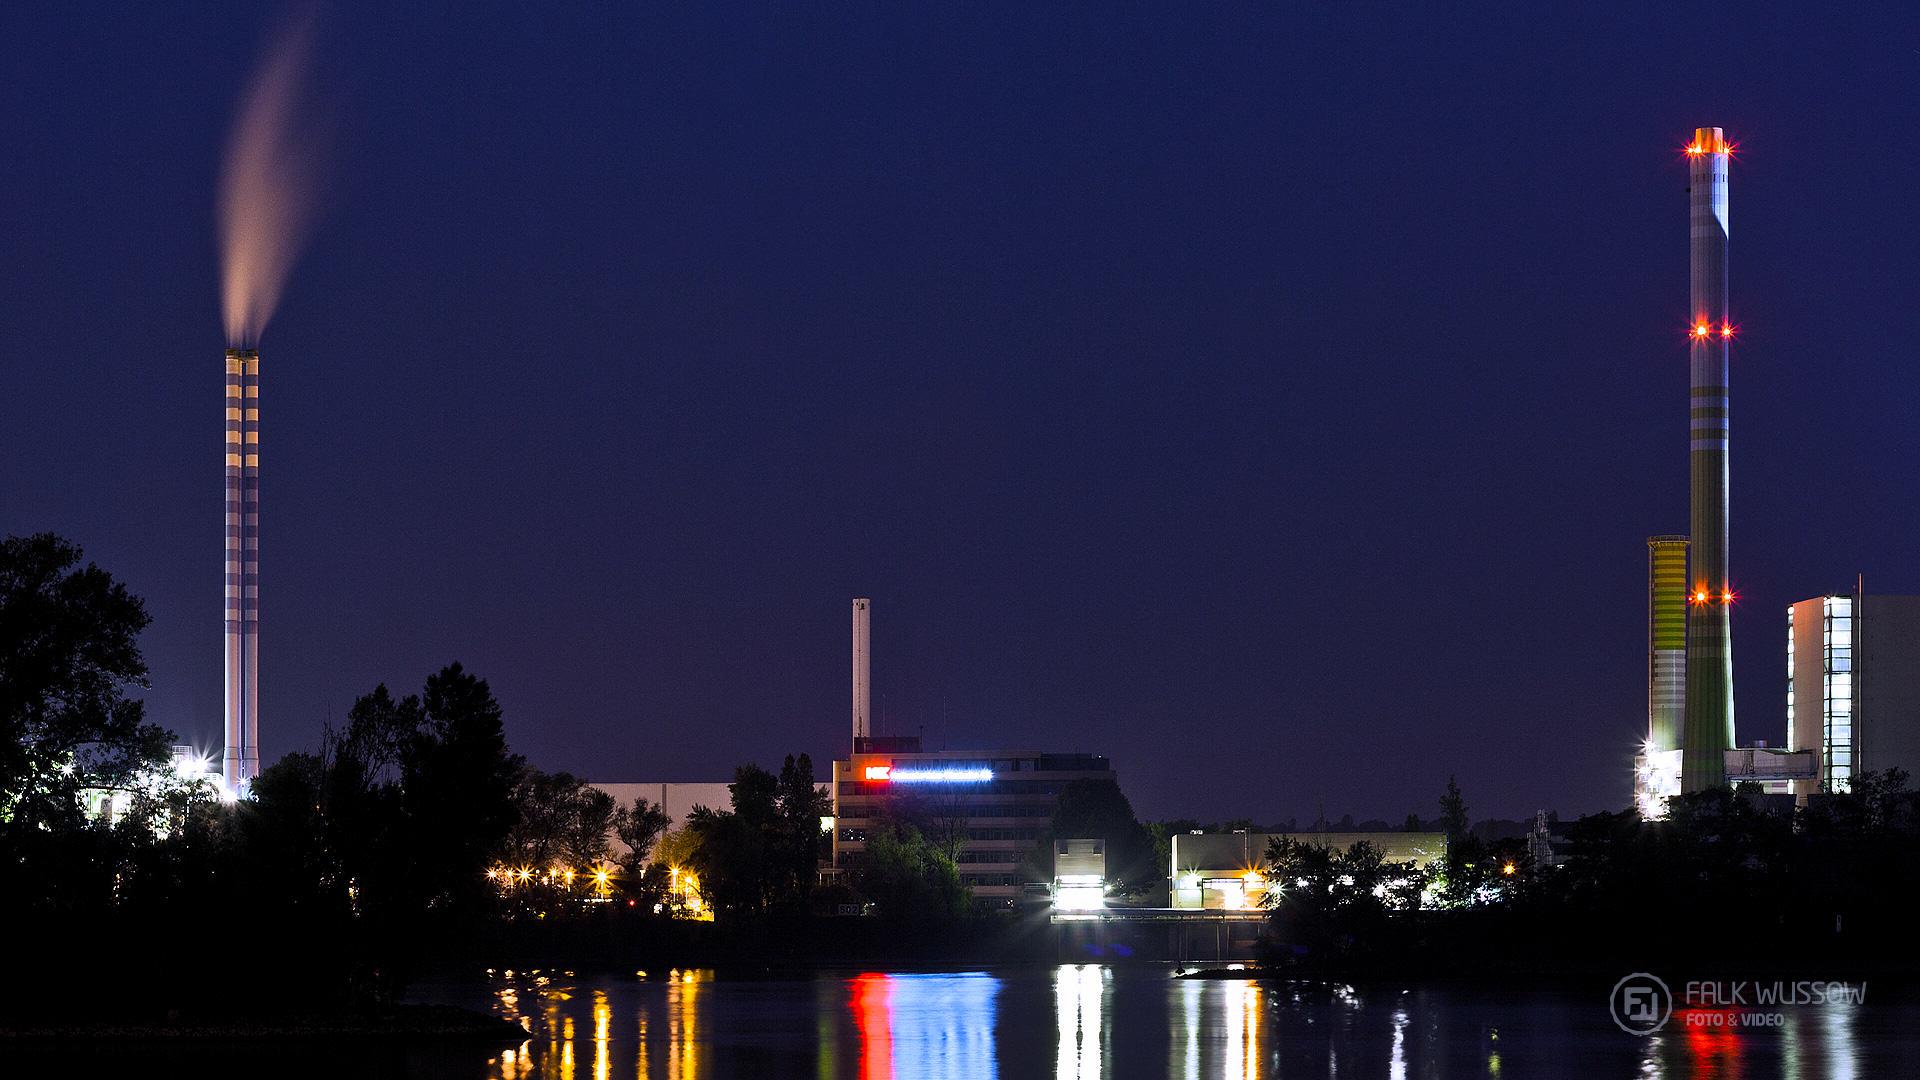 Lichter am Rhein